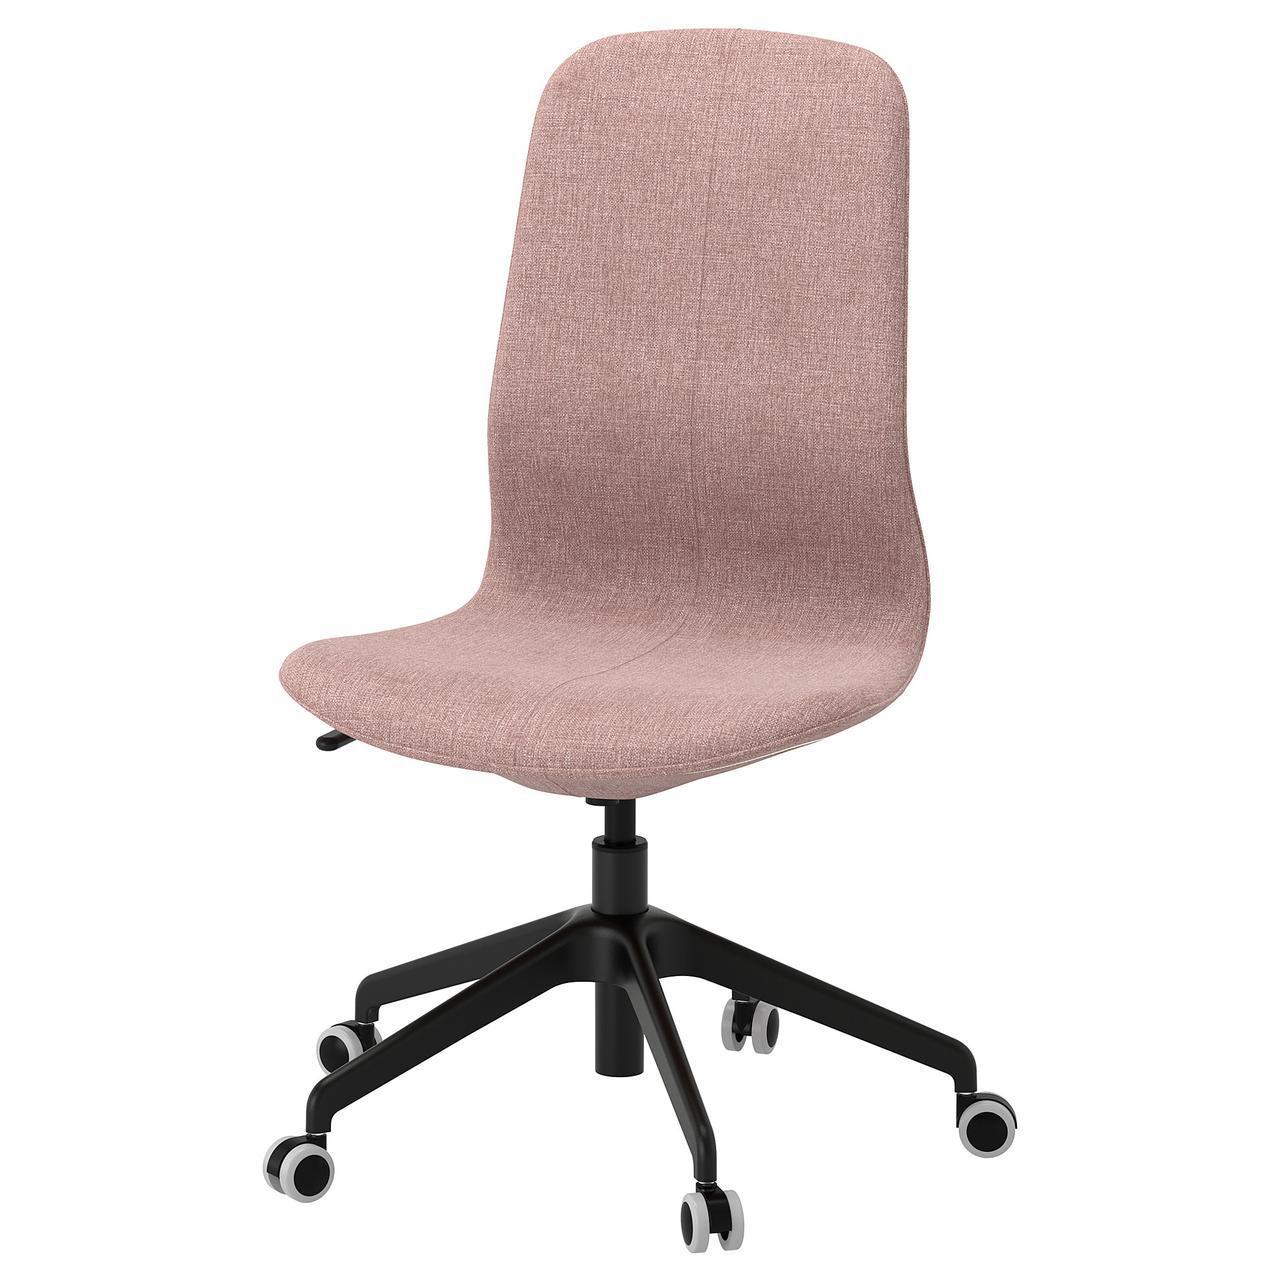 Компьютерное кресло IKEA LÅNGFJÄLL Gunnared светло-розовое черное 792.610.99